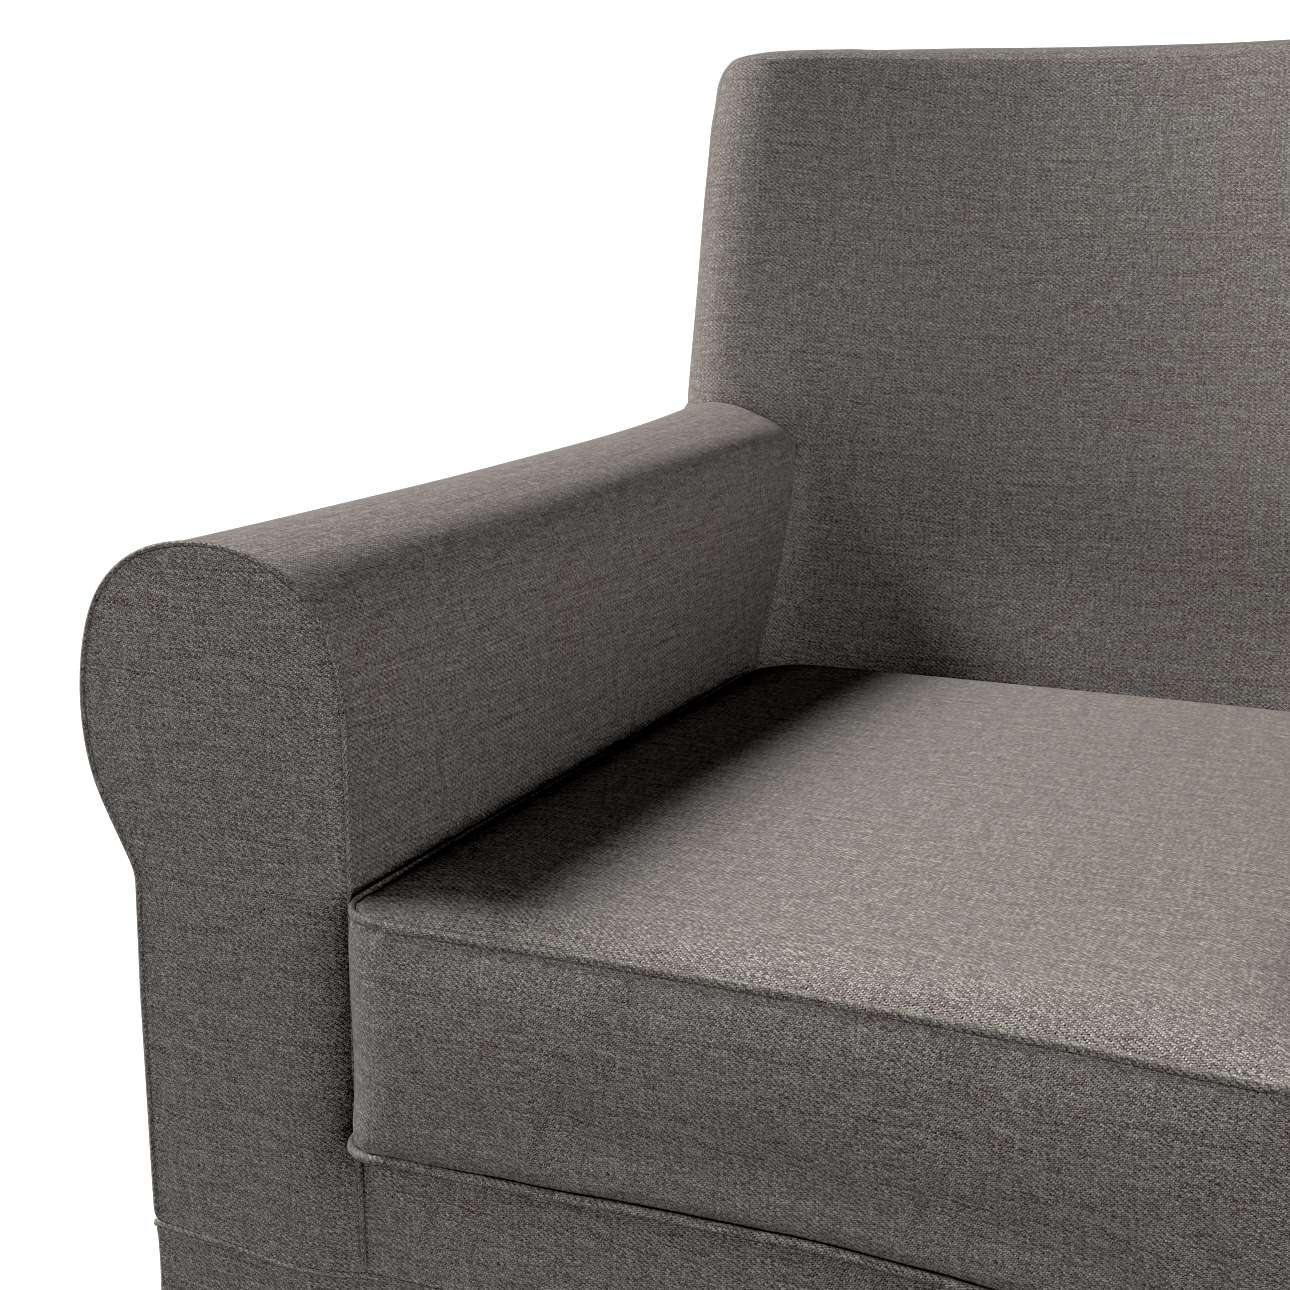 Pokrowiec na fotel Ektorp Jennylund w kolekcji Edinburgh, tkanina: 115-77